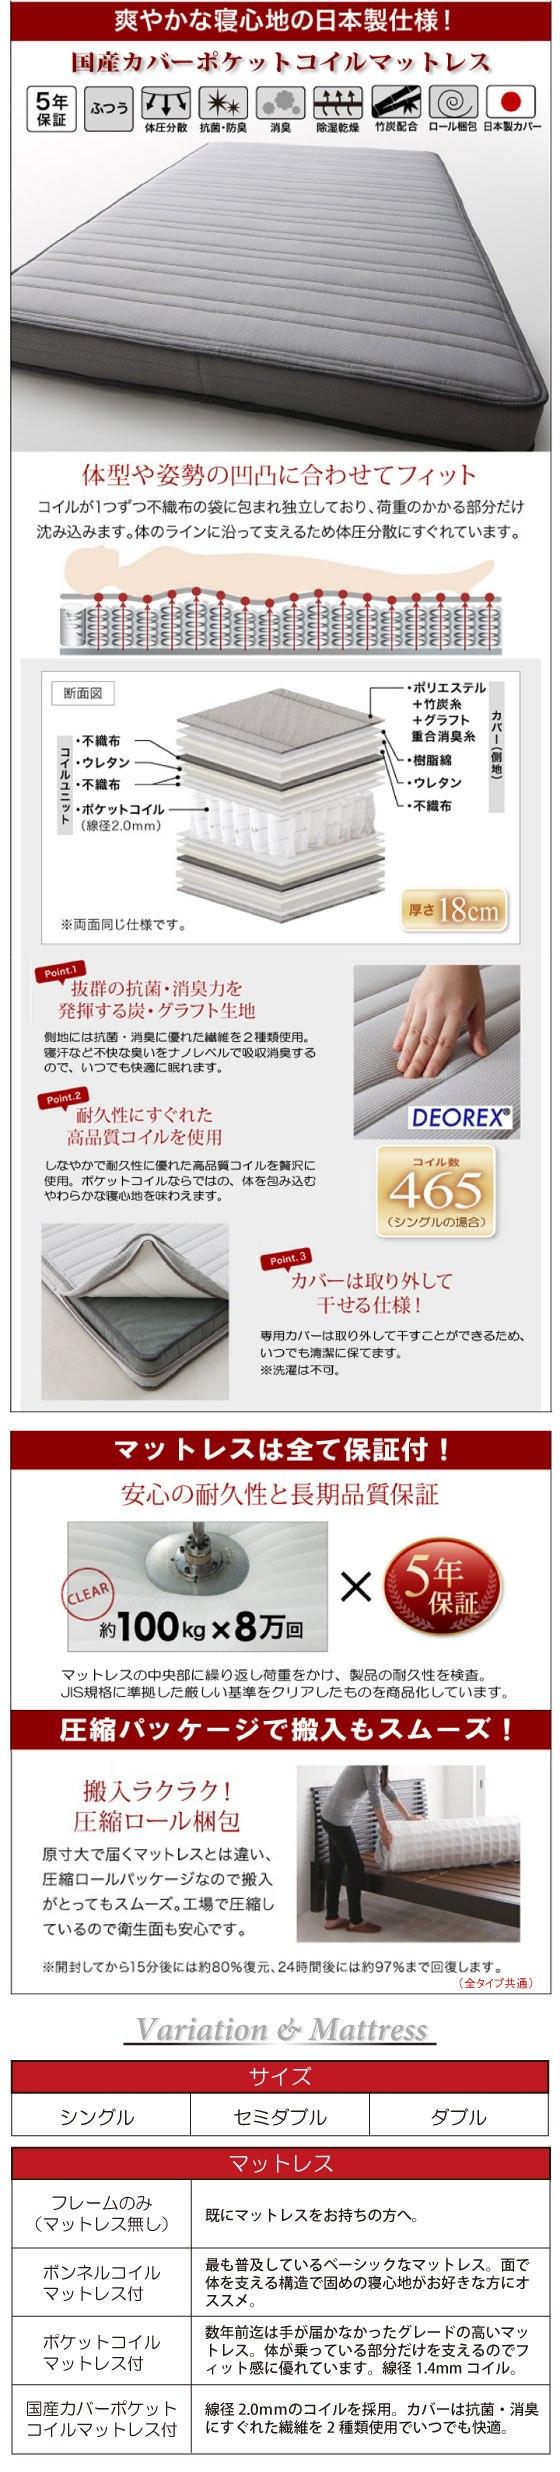 棚&電源コンセント付き・ホワイトオーク柄ローベッド(シングル)